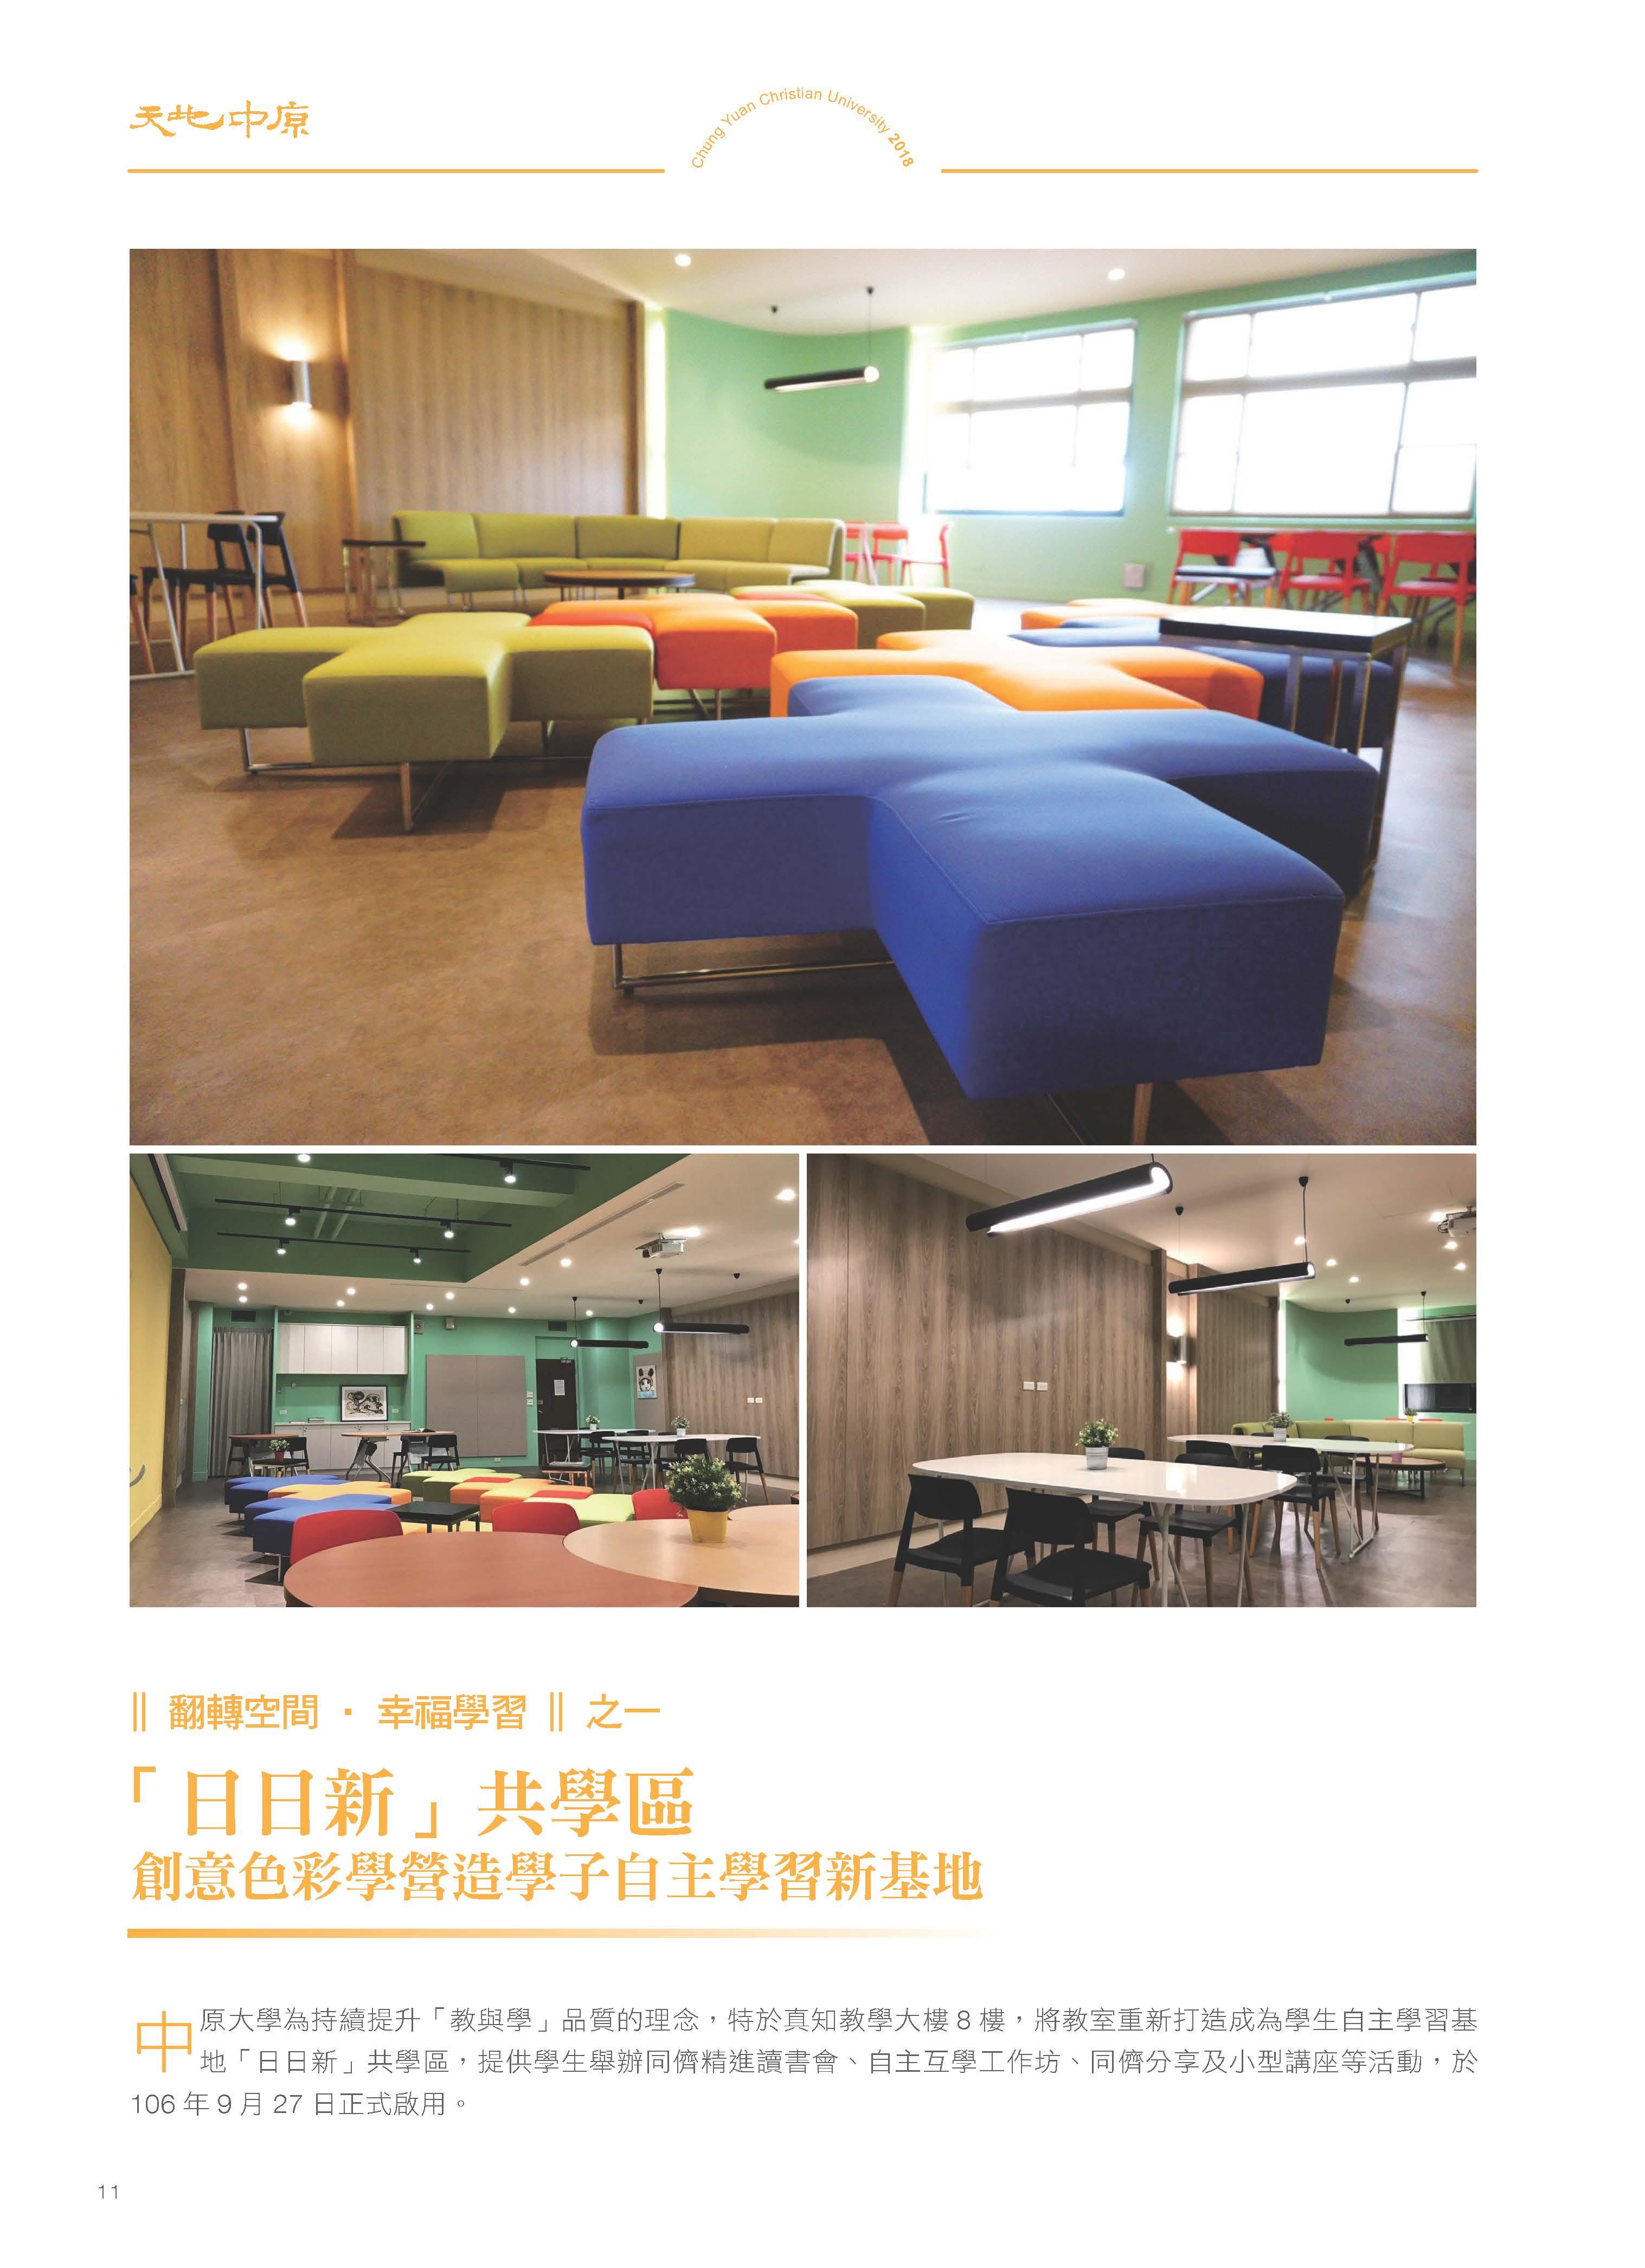 「翻轉空間‧幸福學習」之一  「日日新」共學區  創意色彩學營造學子自主學習新基地